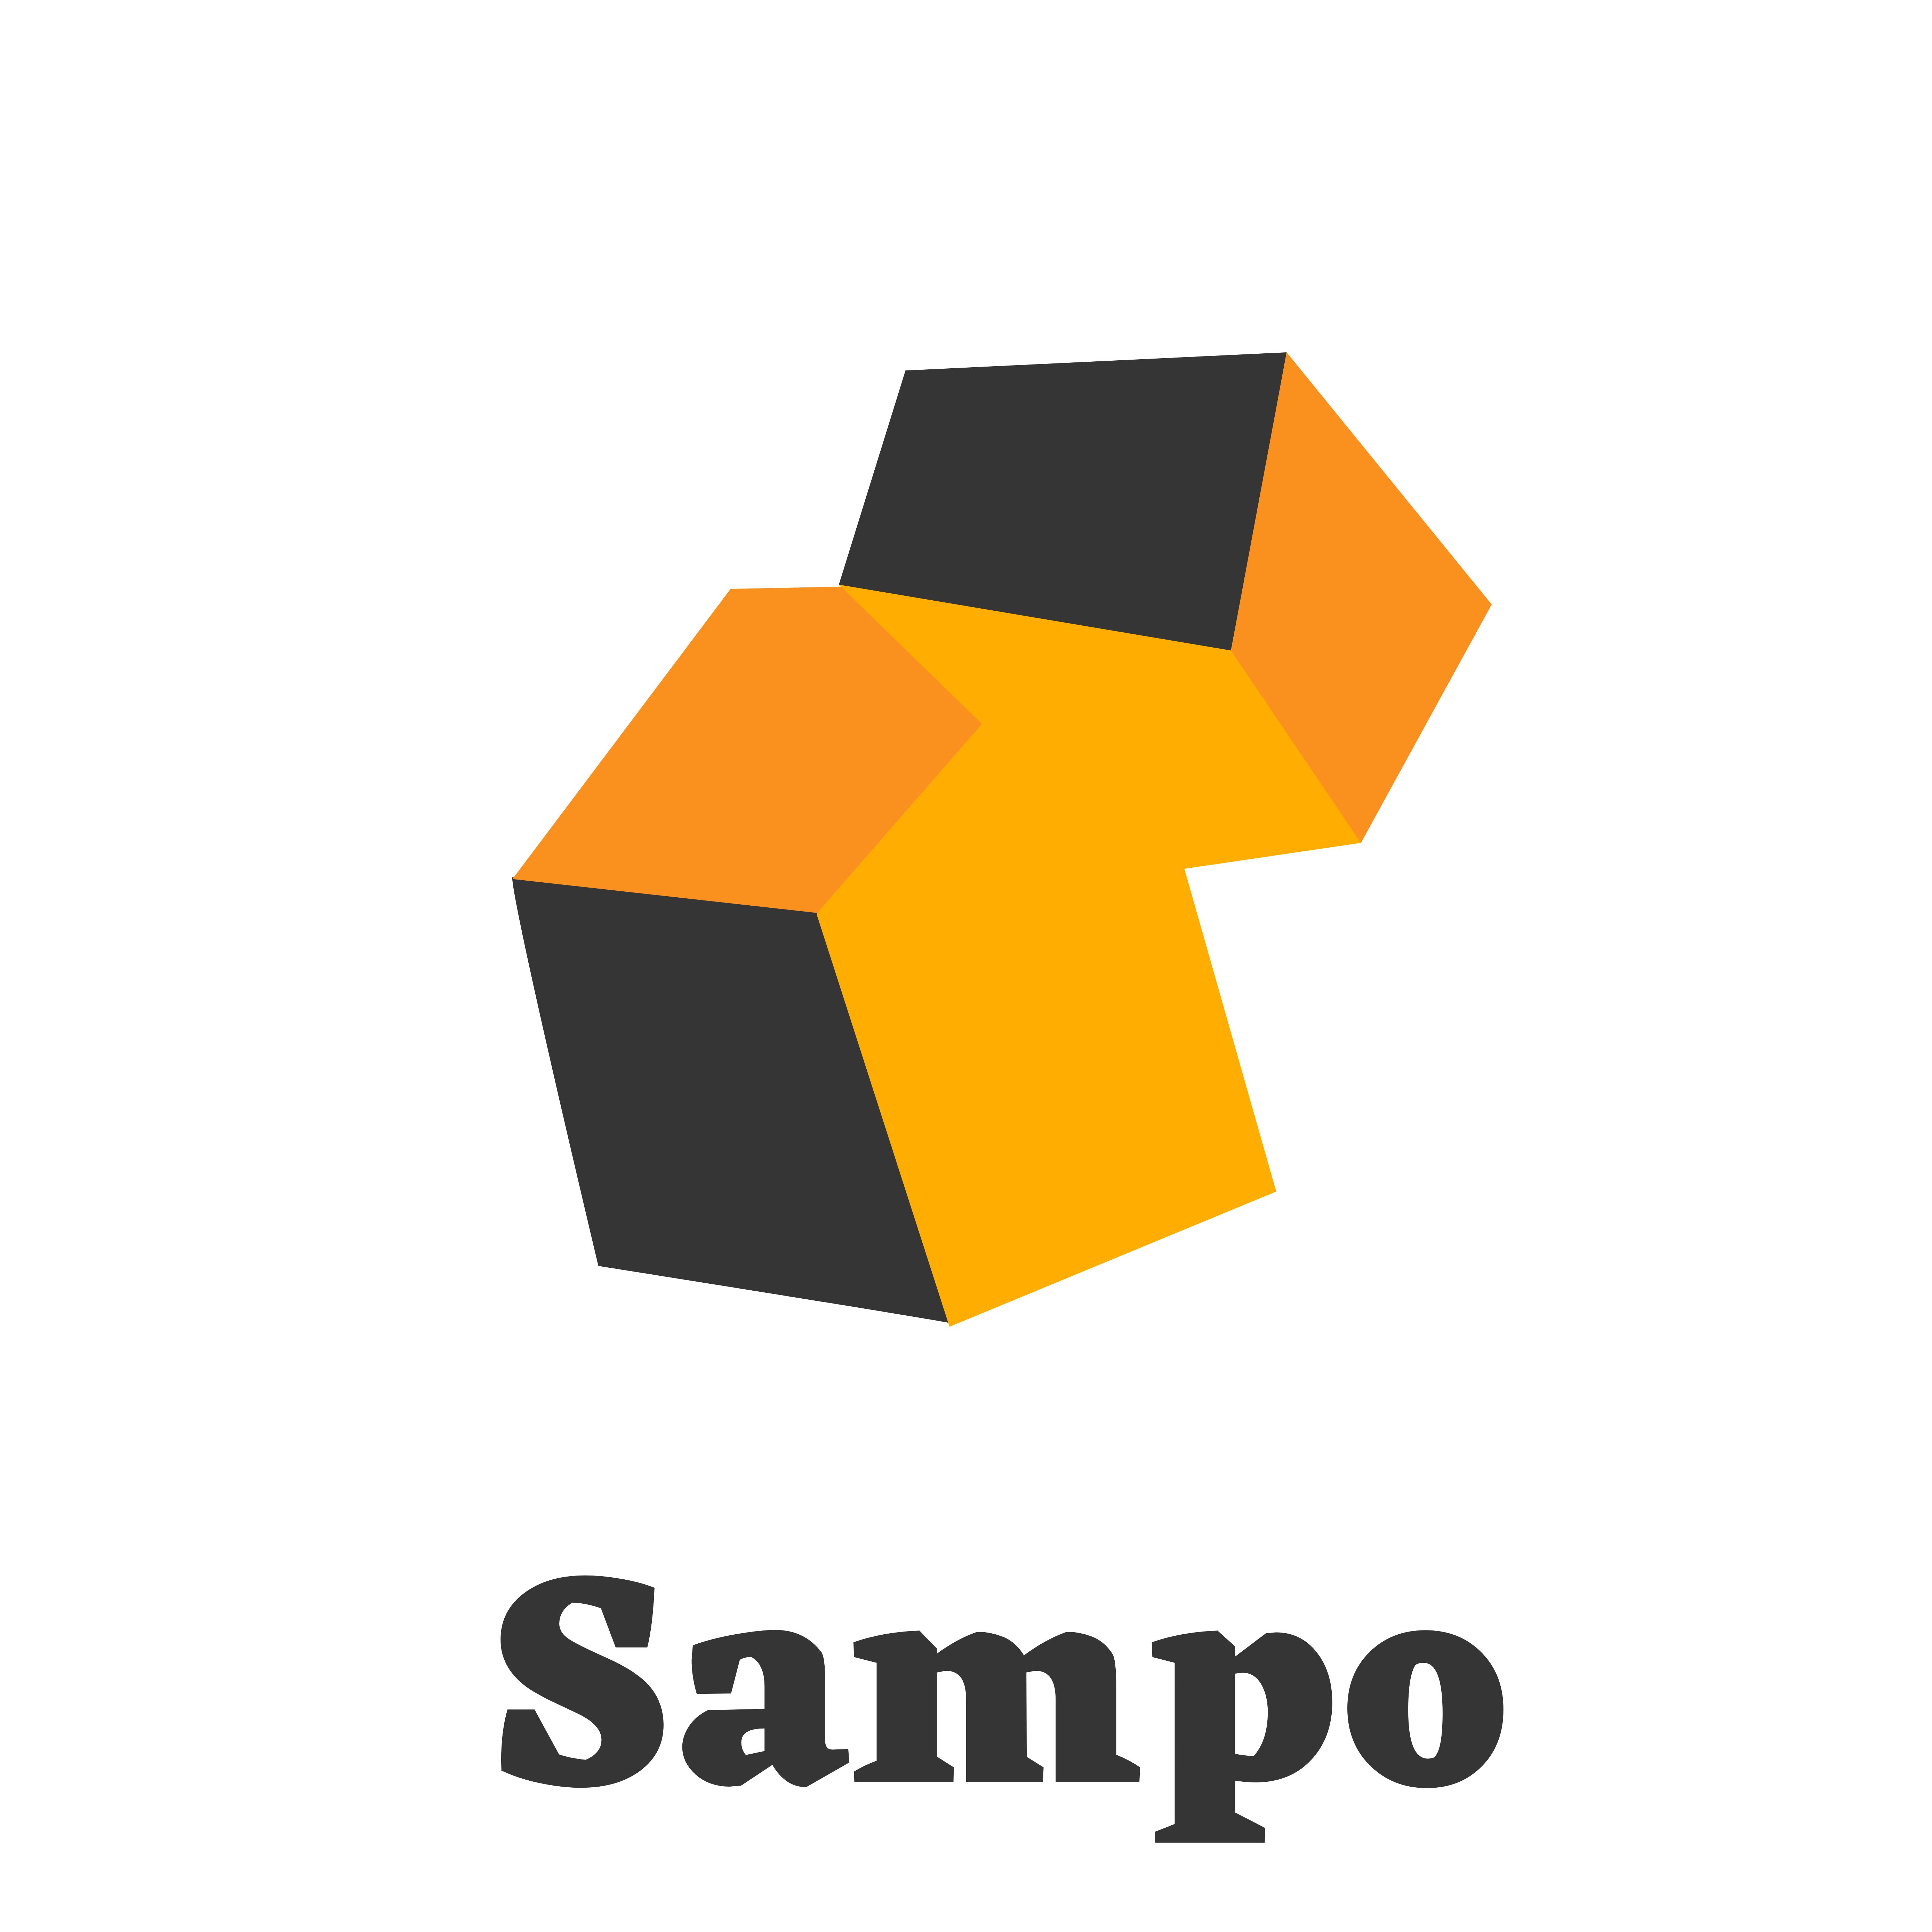 Sampo3d